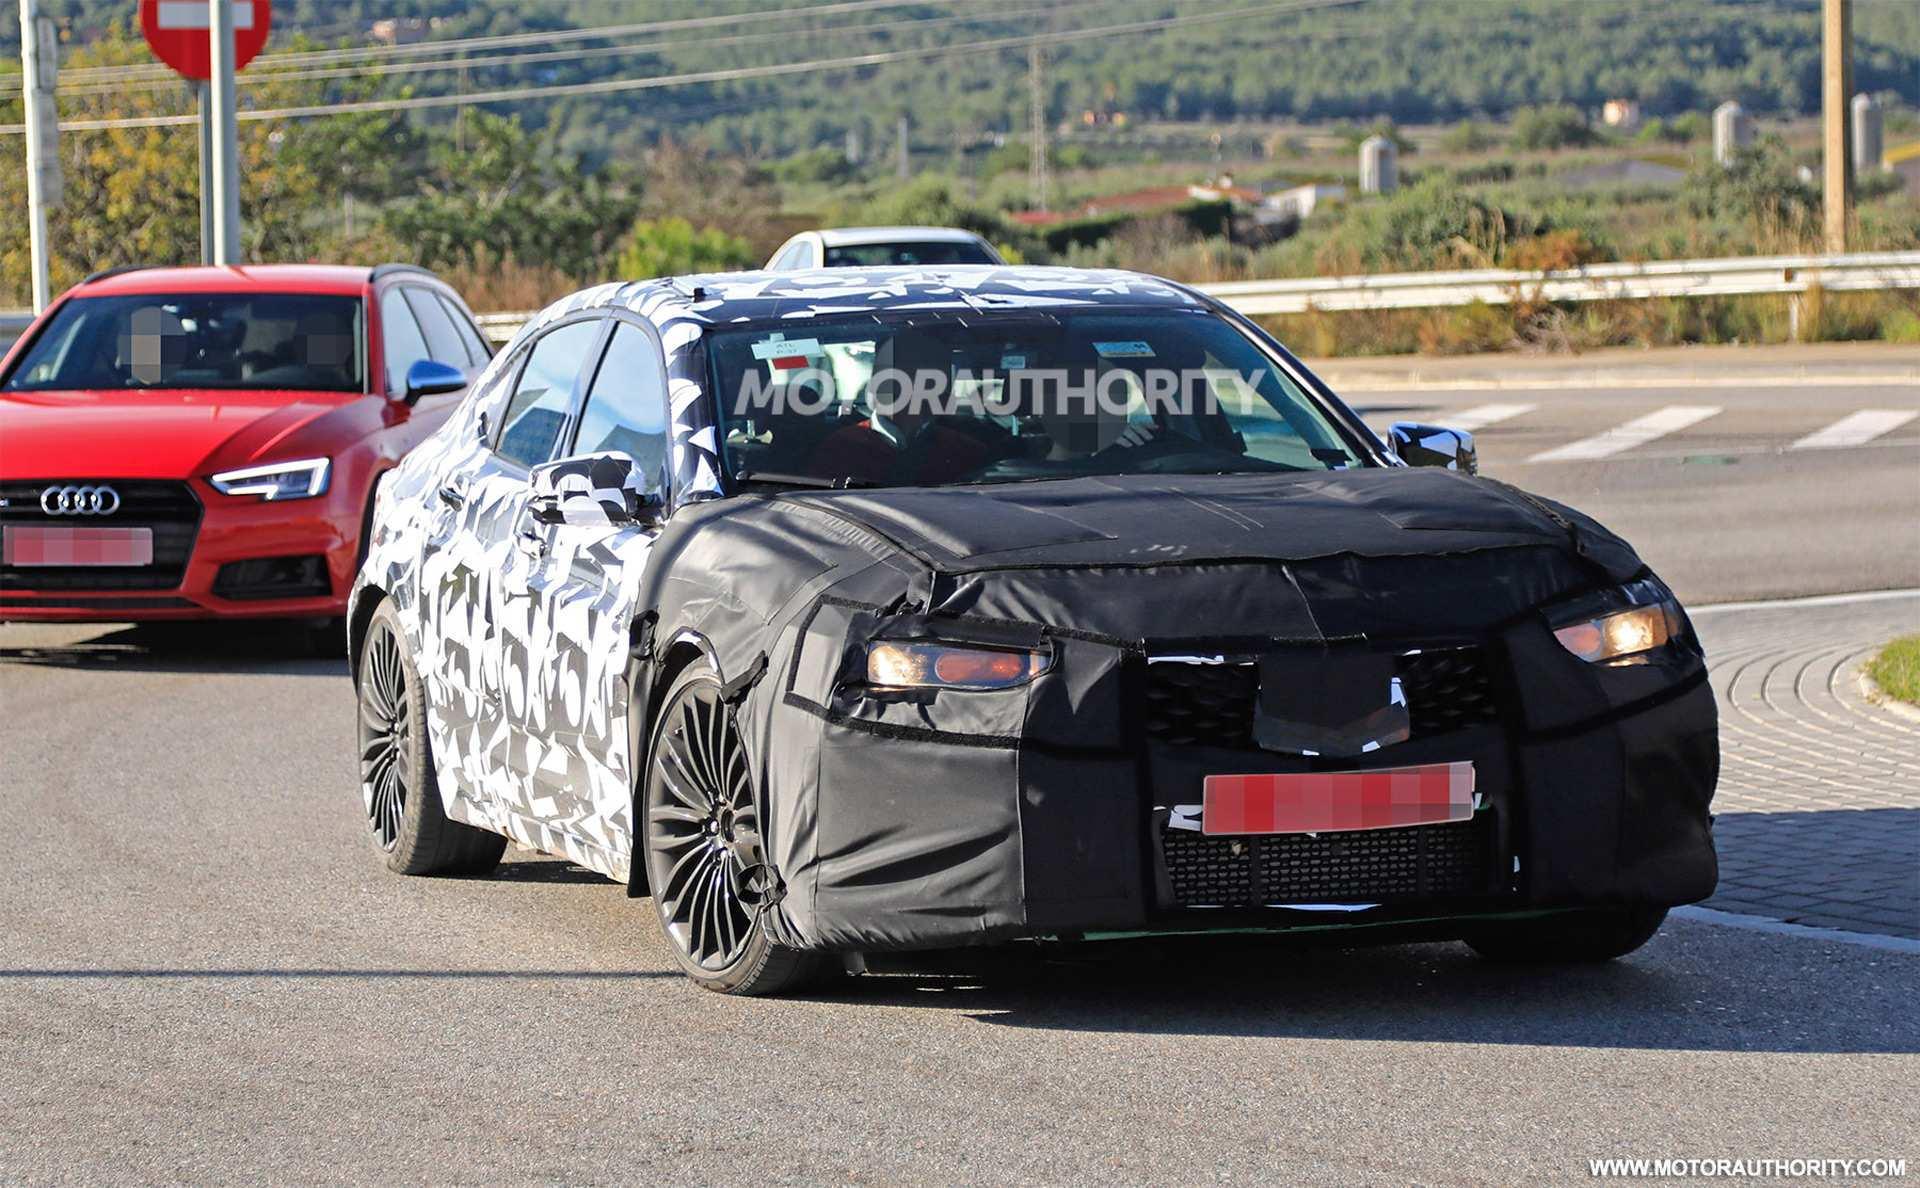 46 The 2020 Acura Mdx Spy Shots Spesification by 2020 Acura Mdx Spy Shots